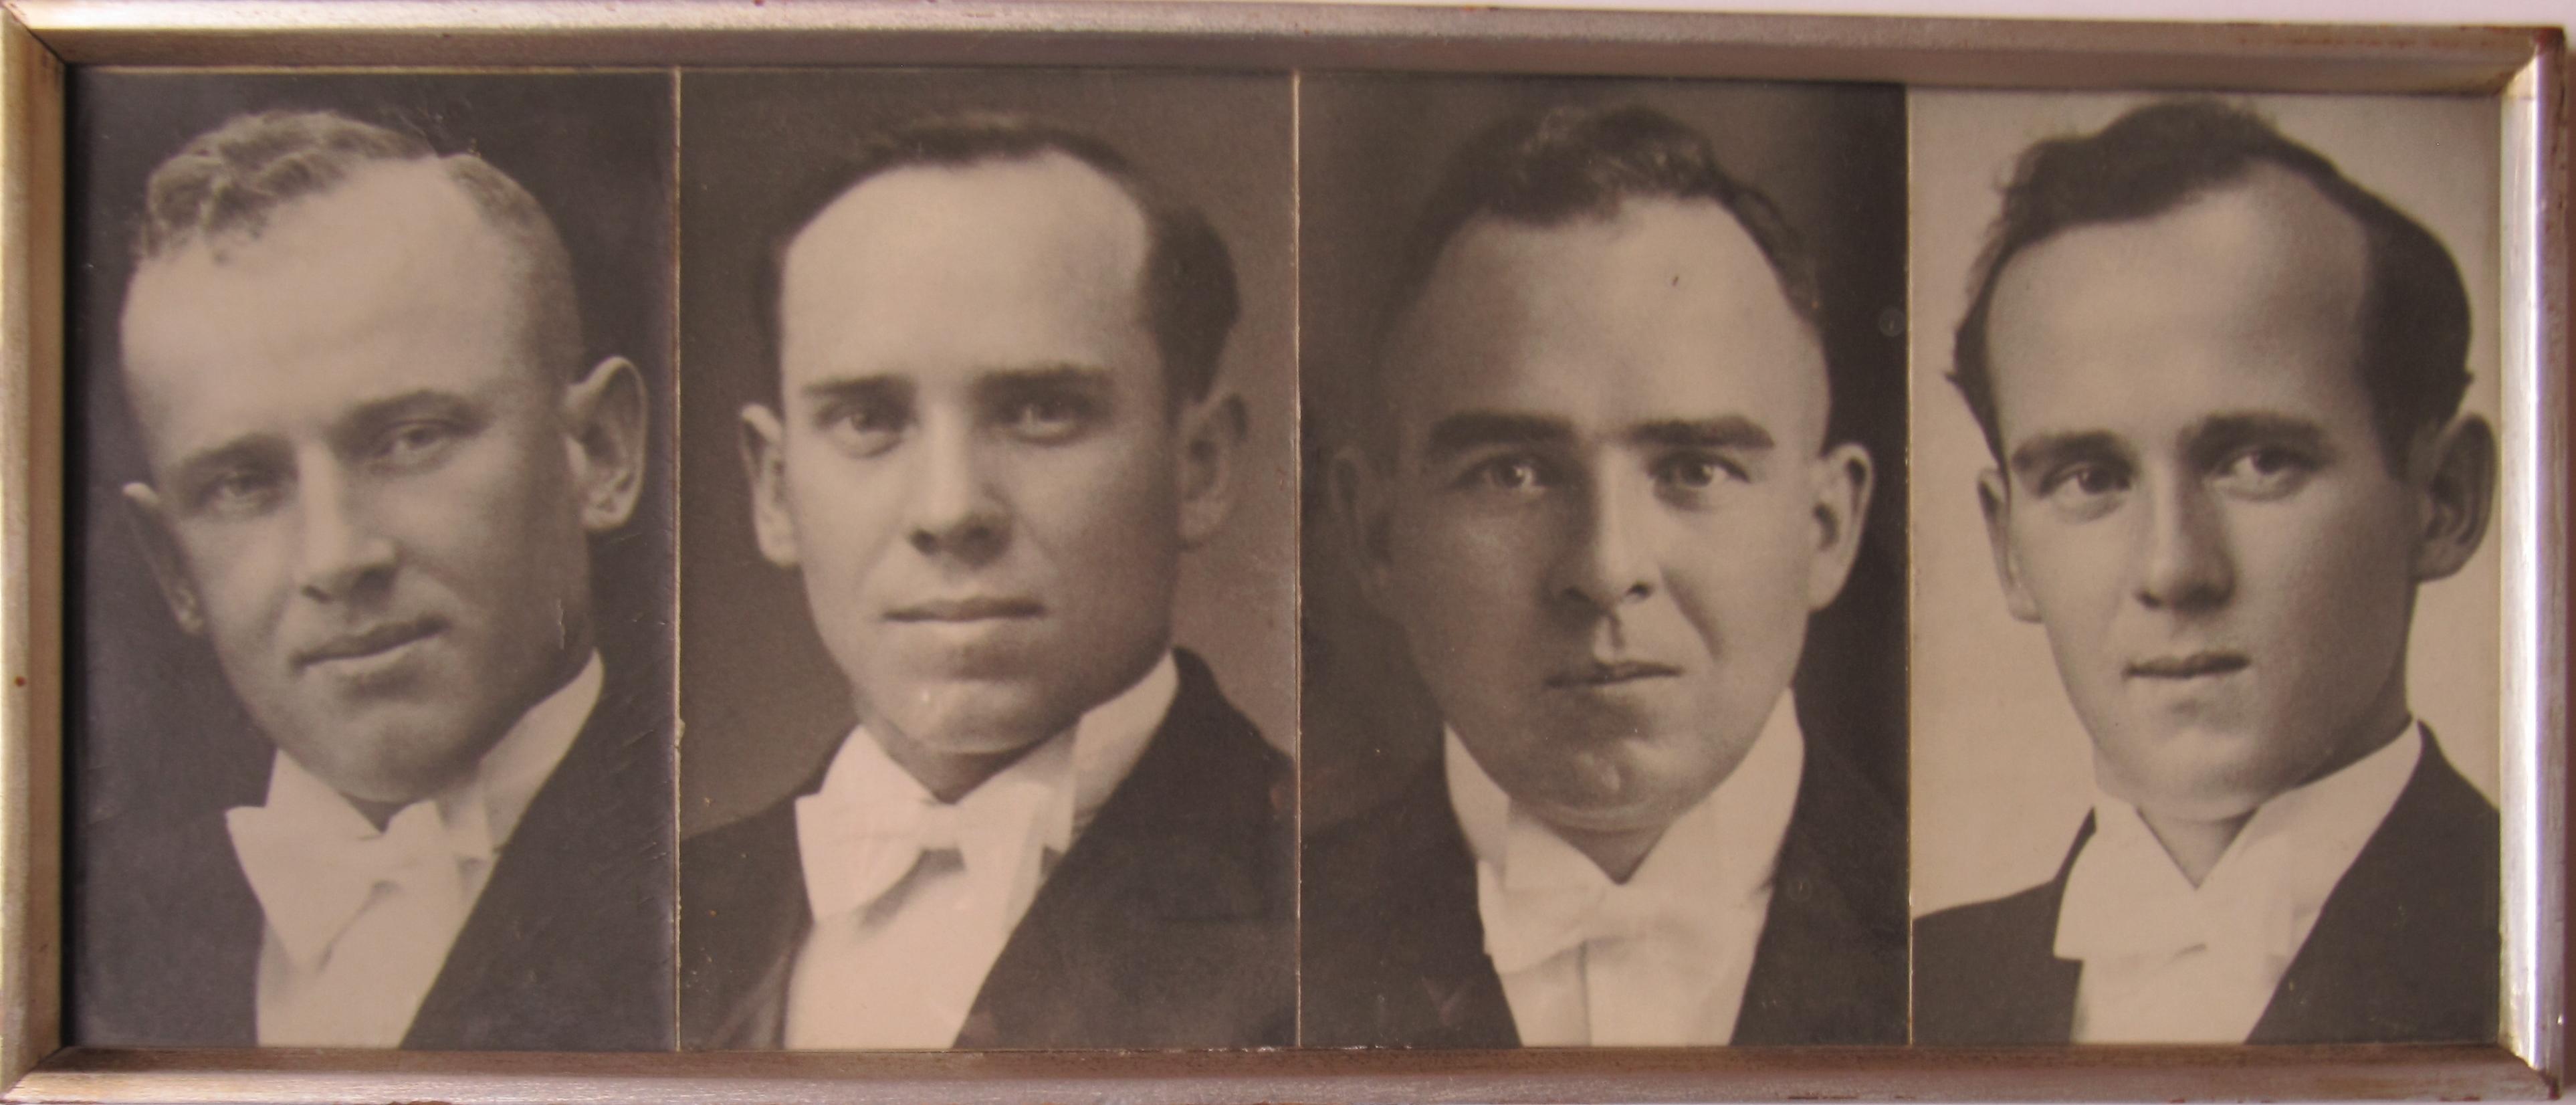 v.l.n.r.: Josef, Bernhard, Karl und Mattias Adam fielen im 2. Weltkrieg; Fotoarchiv: Peter Adam (Losheim)